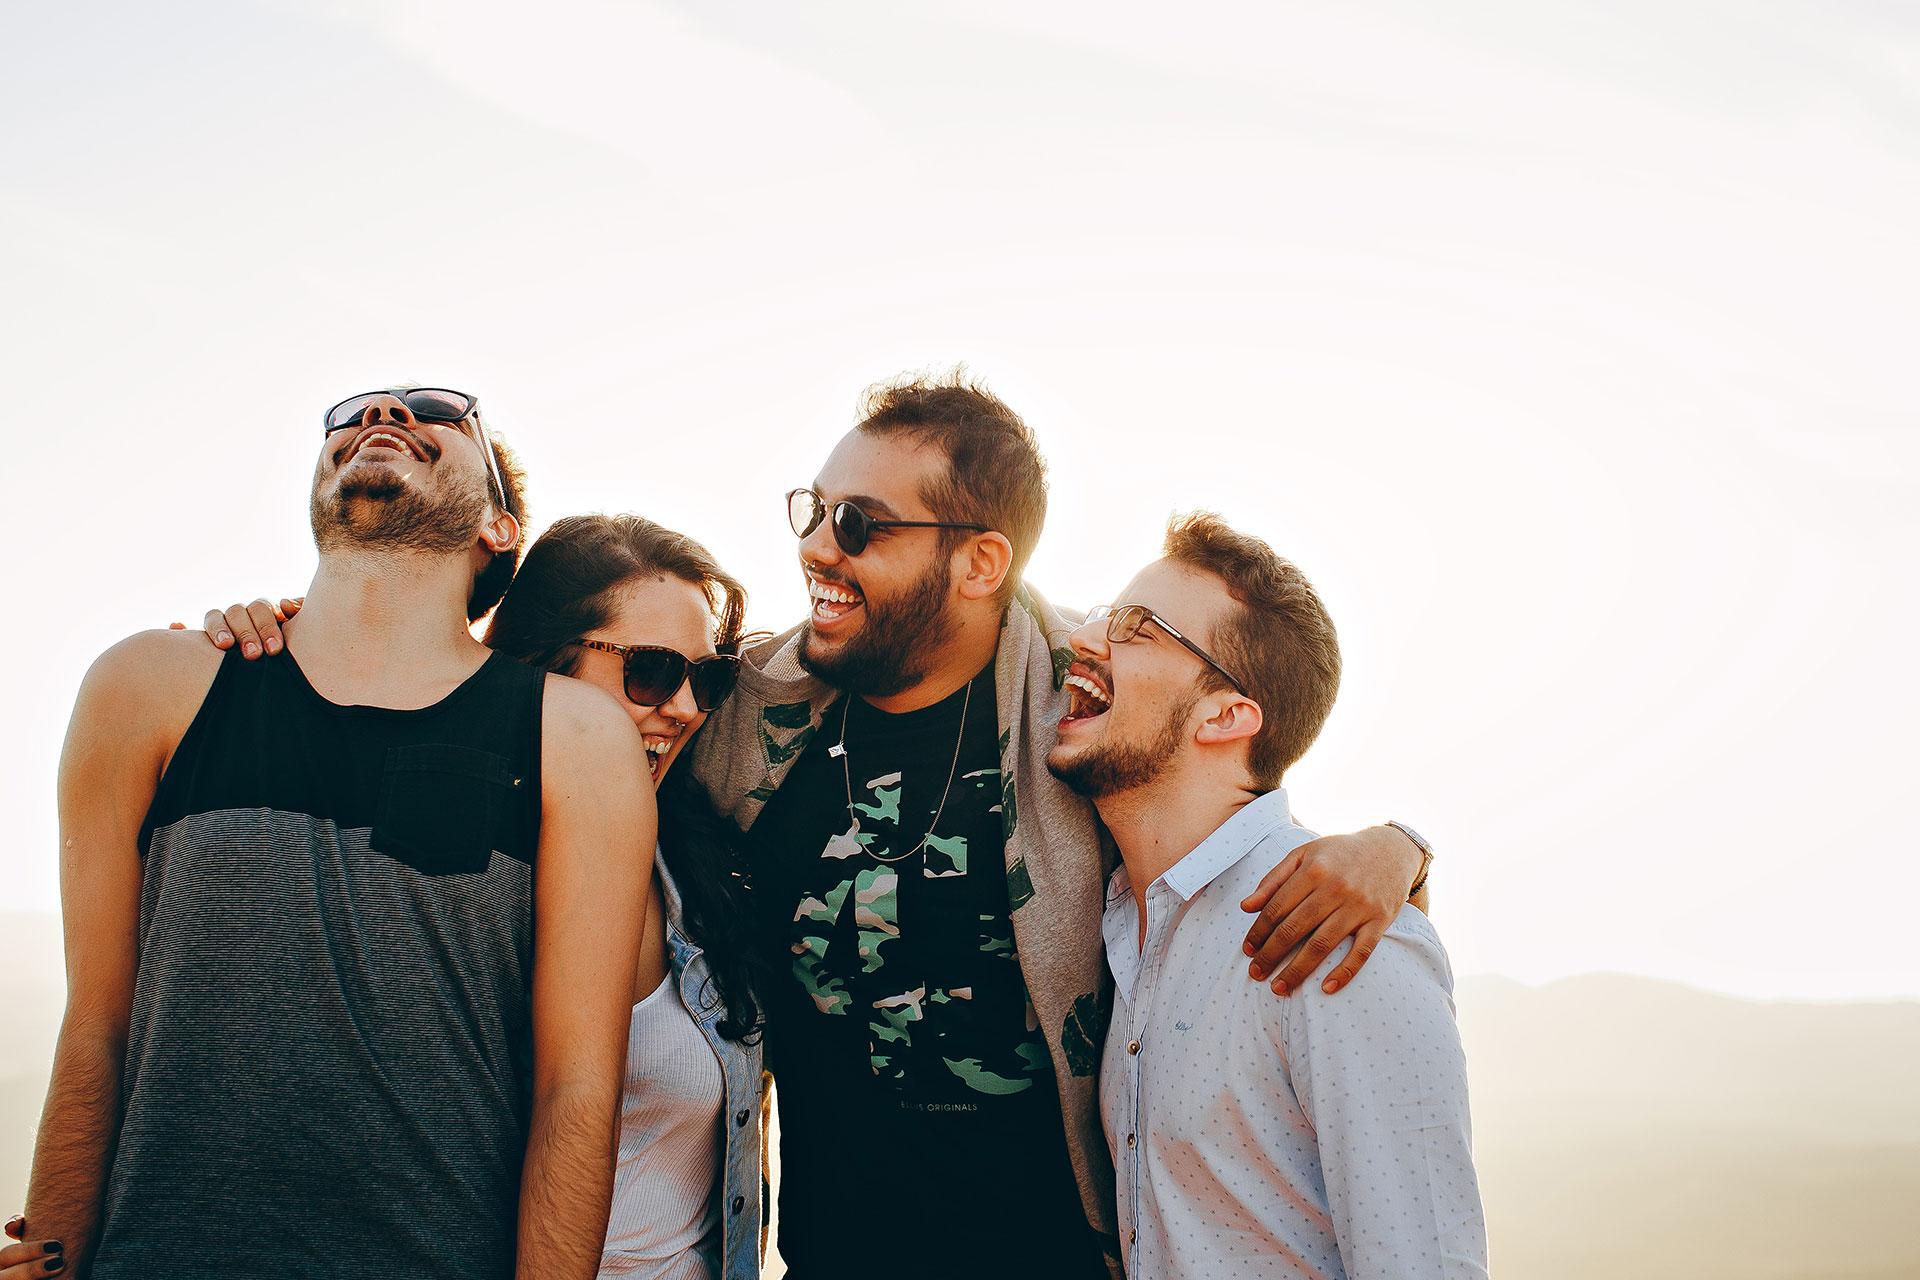 Osteopatia per l'età adolescenziale a Pescara